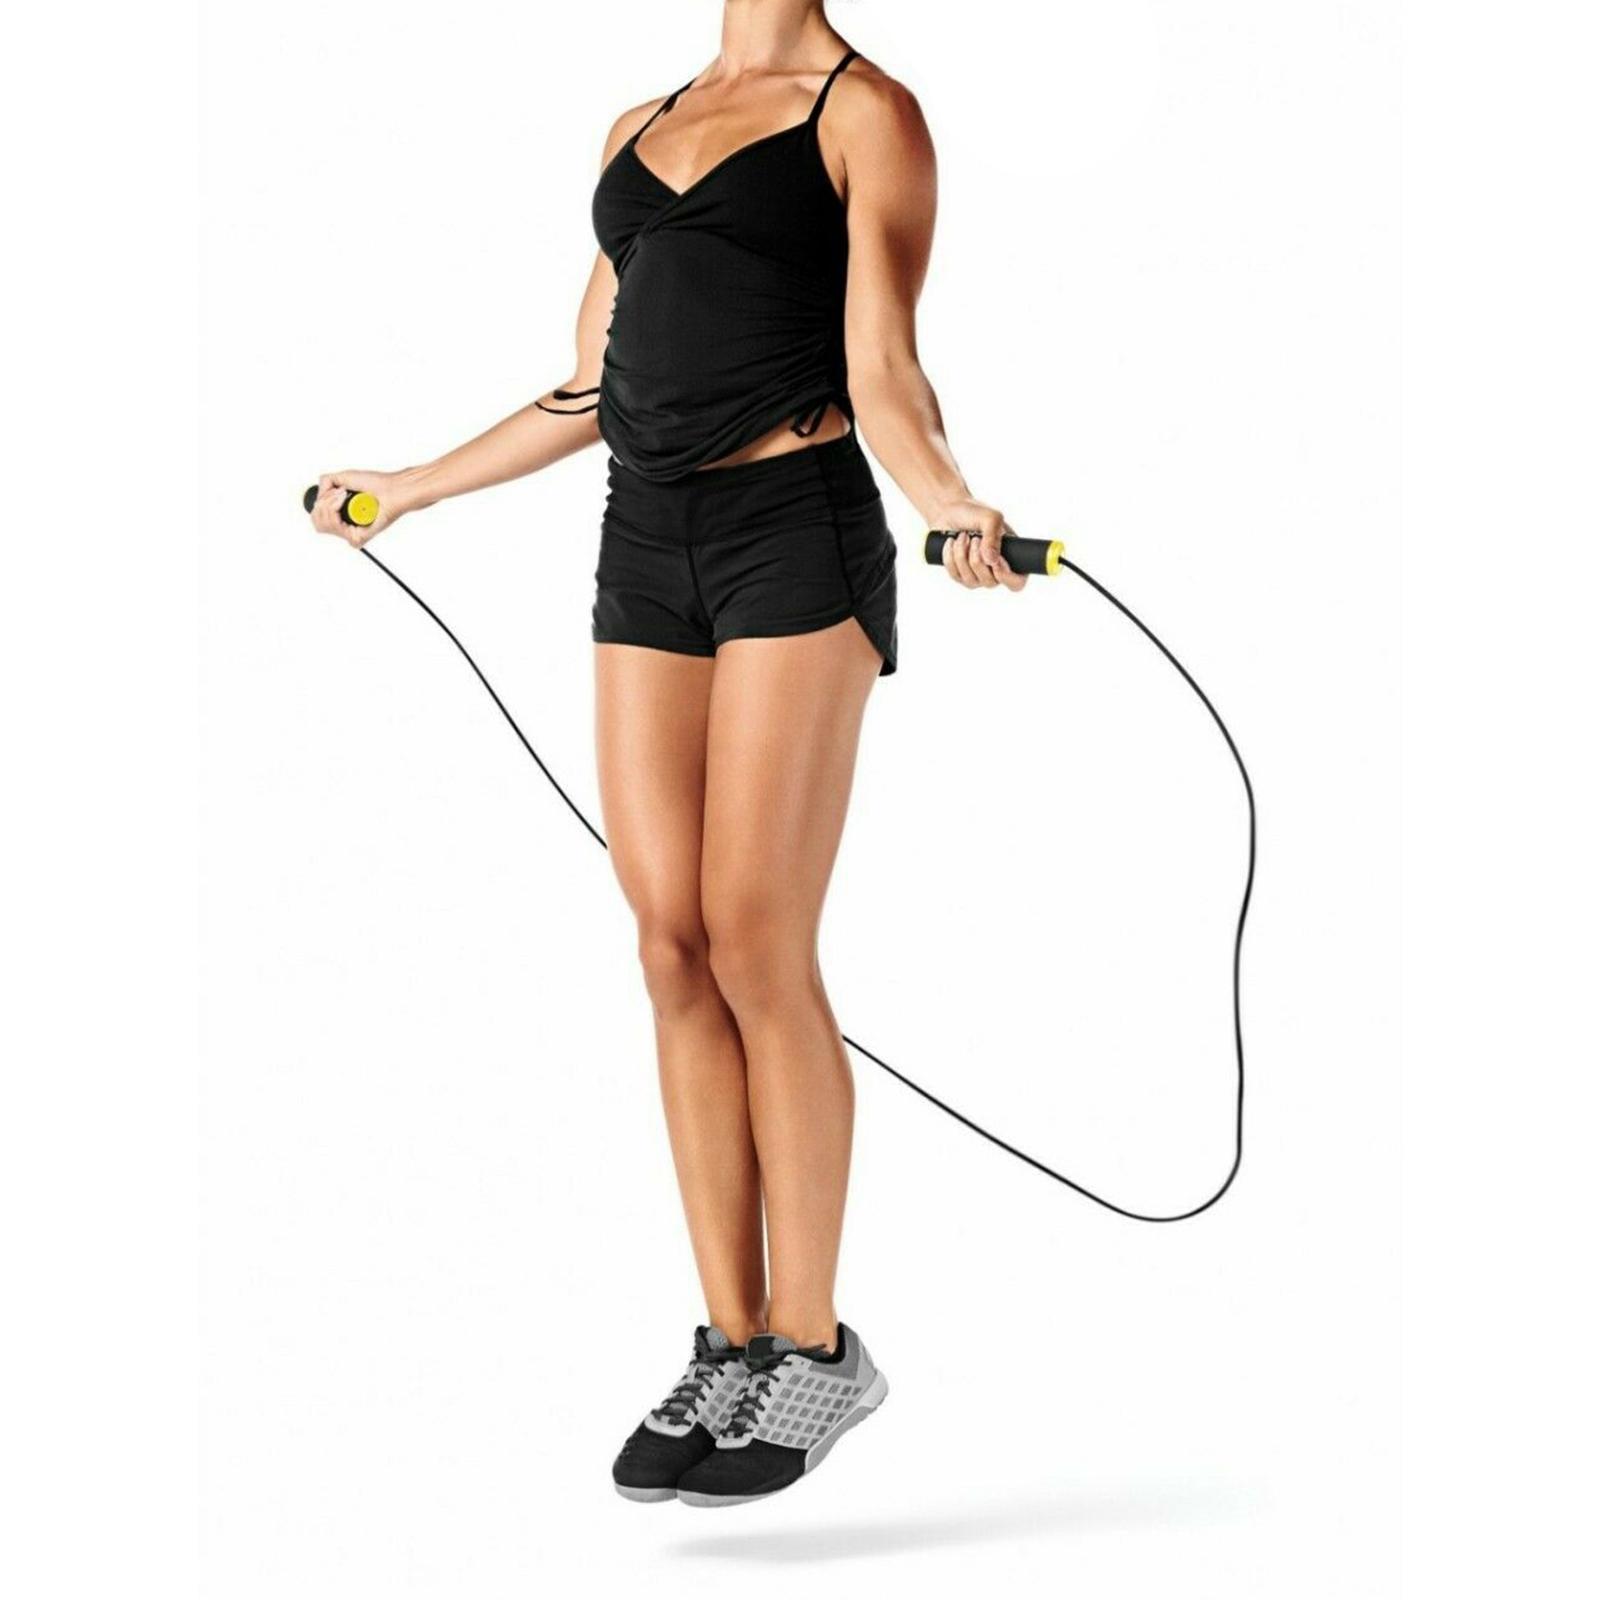 miniature 13 - Corde à sauter Réglable Corde À Sauter Enfants Garçons Filles Adulte Gym Fit